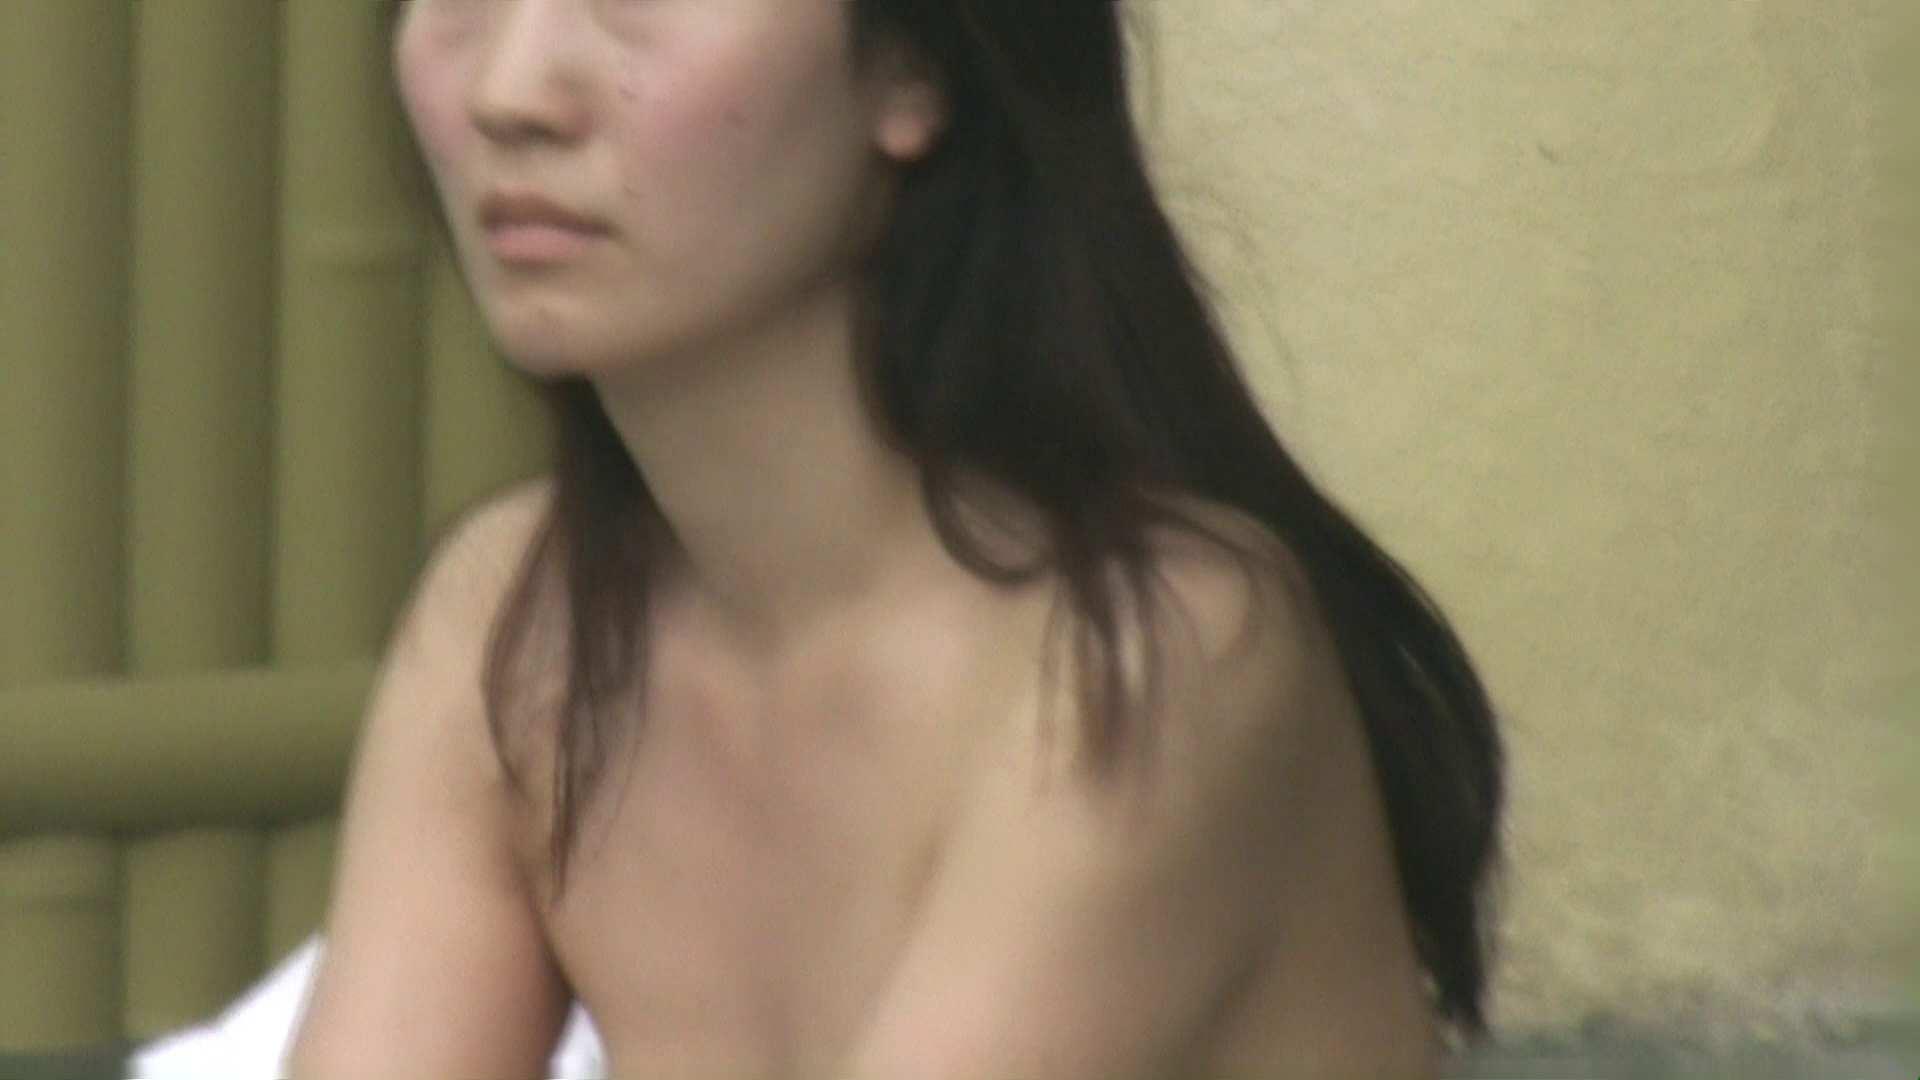 高画質露天女風呂観察 vol.034 女風呂 | Hな乙女  49pic 8